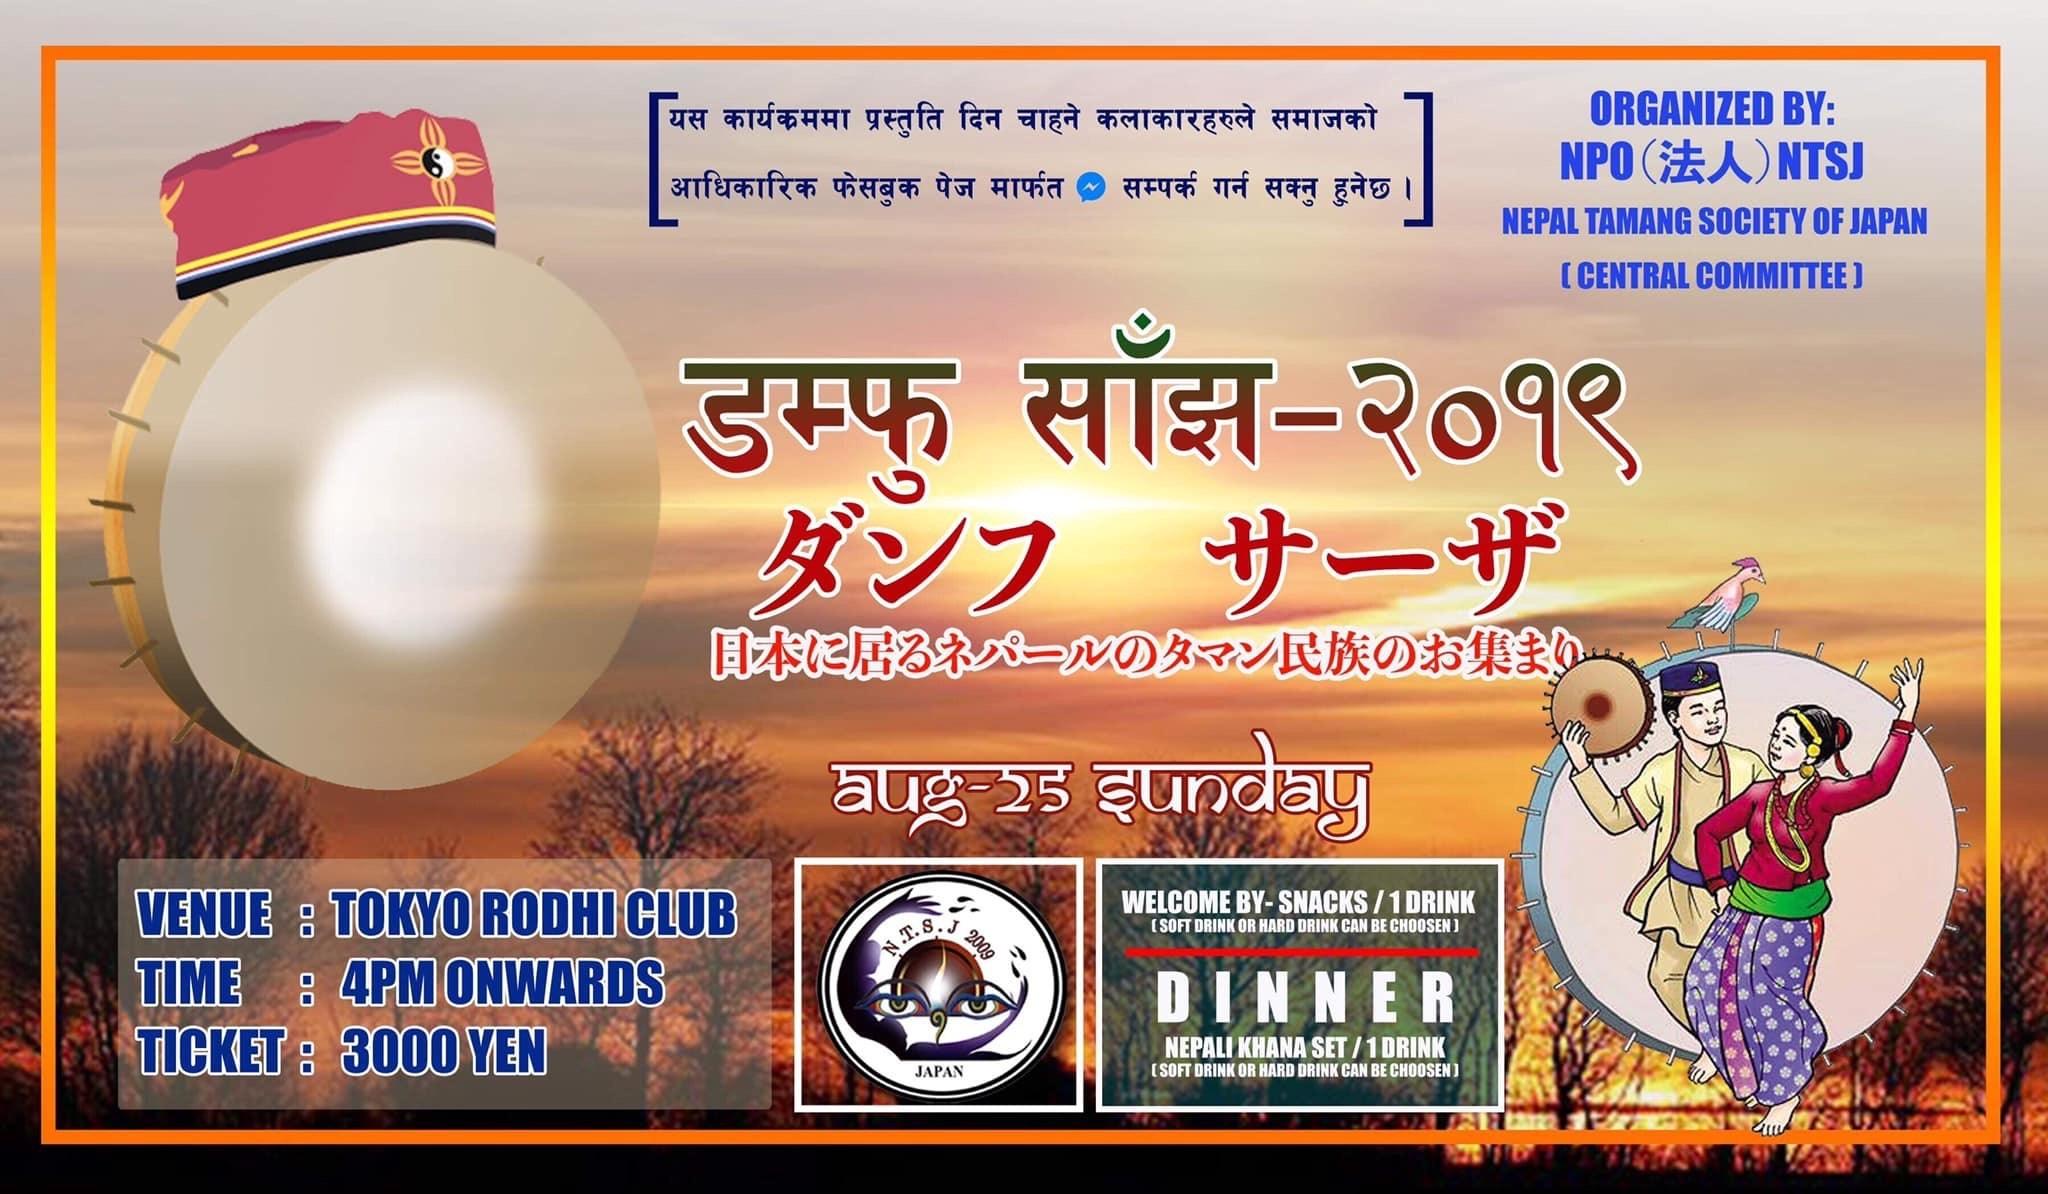 डम्फुको तालमा सेलो गाउँदै नाच्ने दिन अगष्ट २५ अर्थात् नेपाल तामाङ समाज जापानको 'डम्फु साँझ-२०१९'